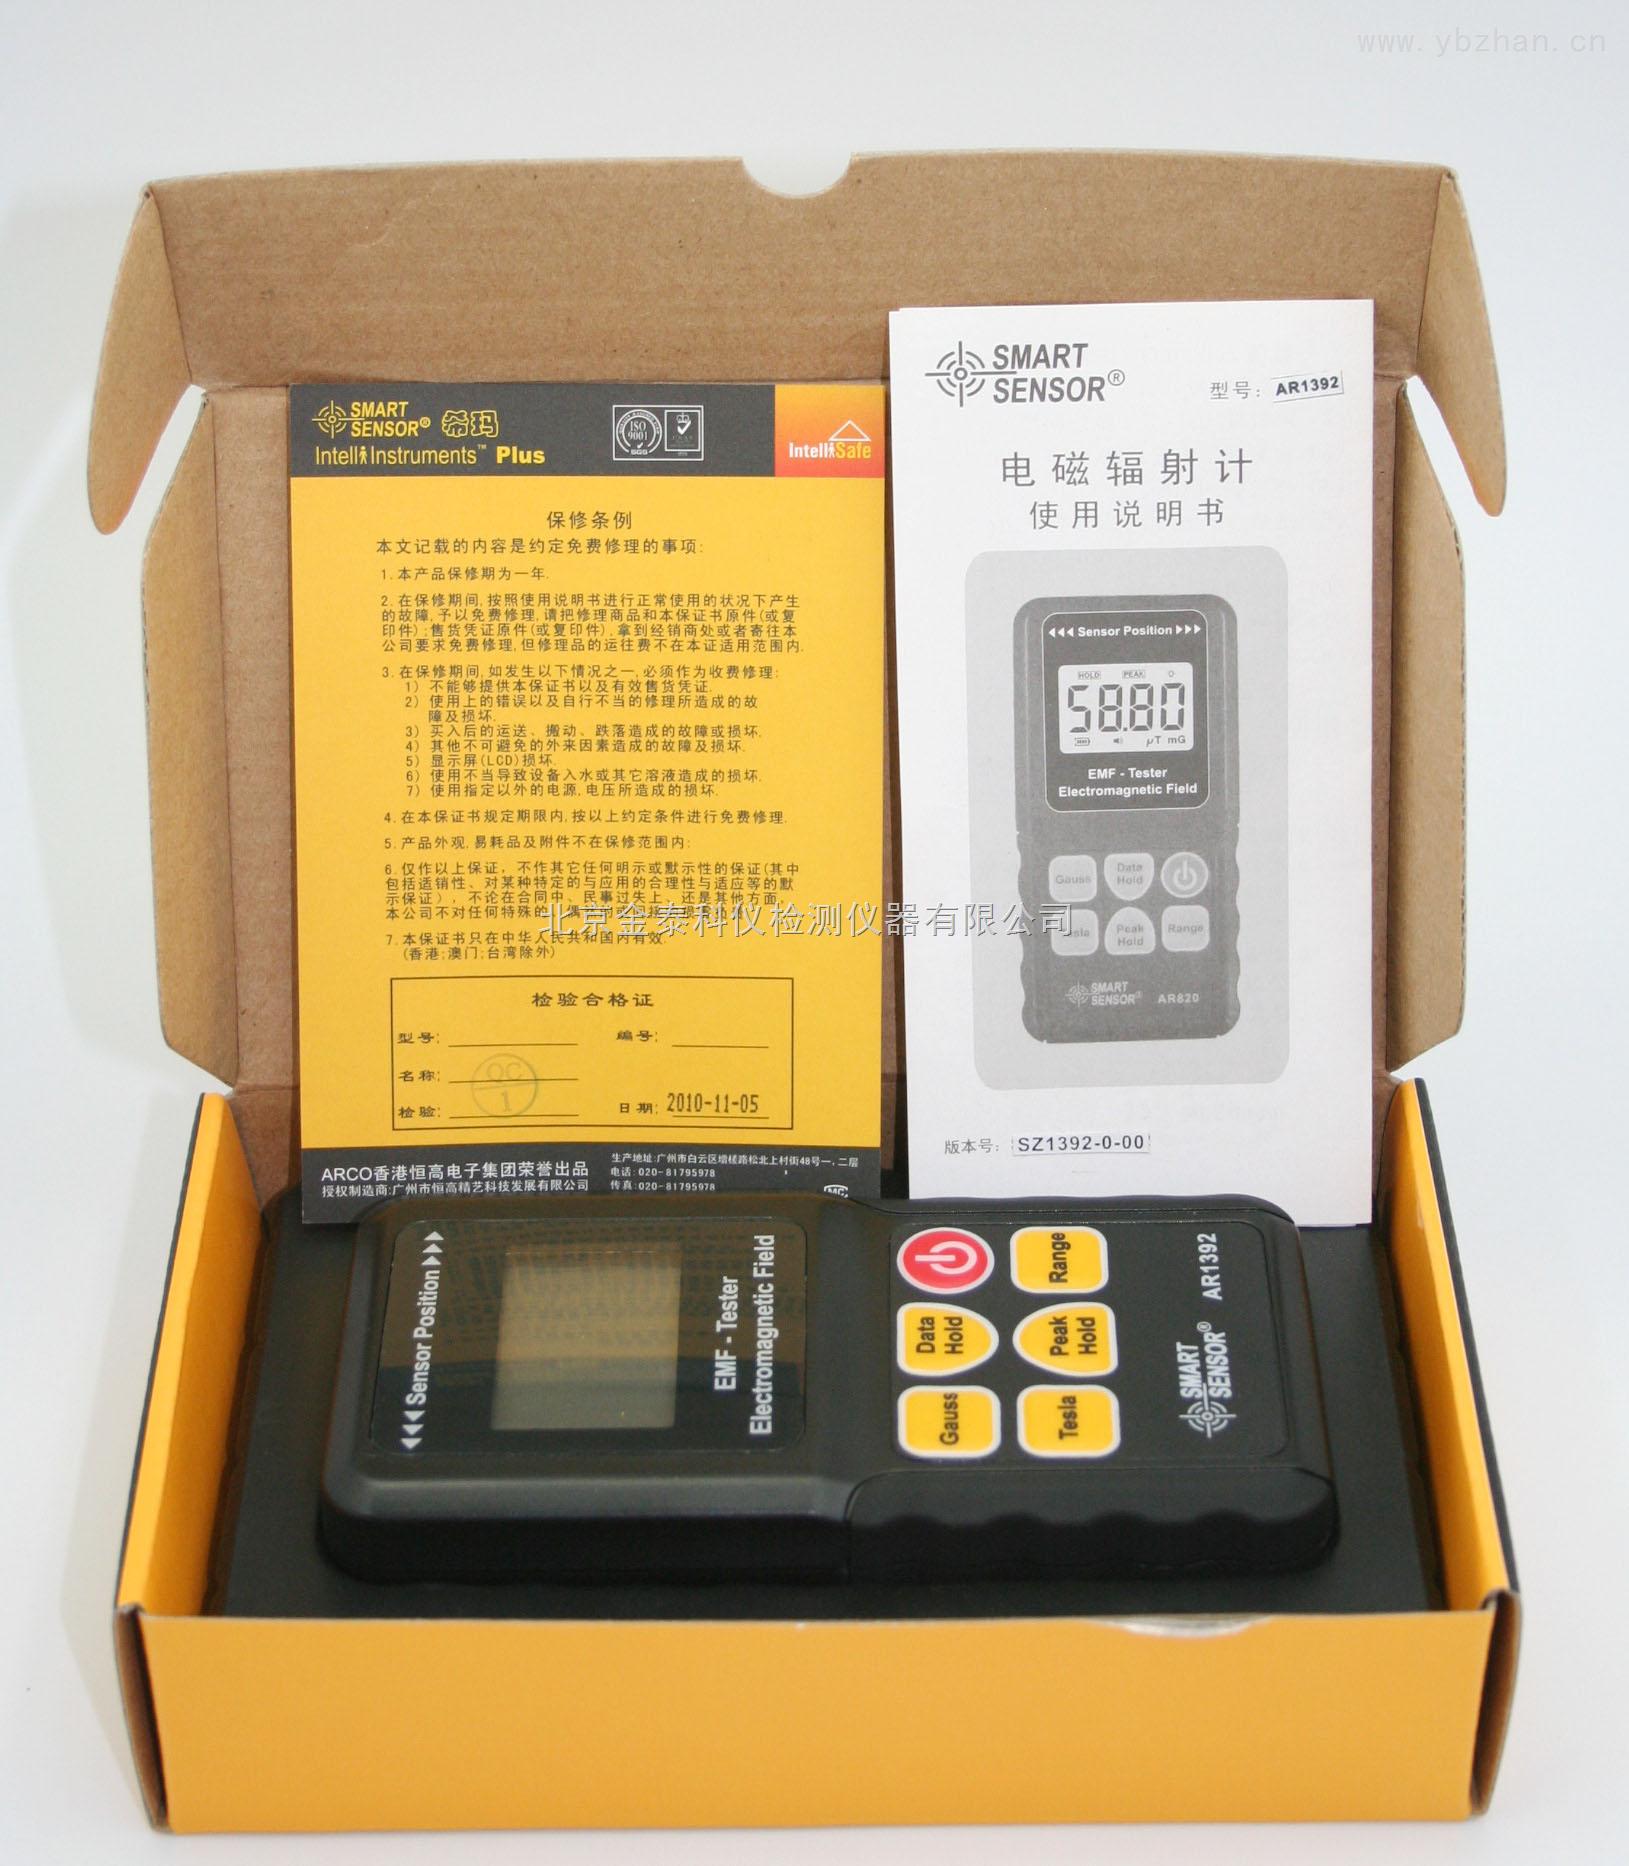 電磁輻射檢測儀 AR1392 電磁輻射檢測儀種類 電磁輻射檢測儀質保期限